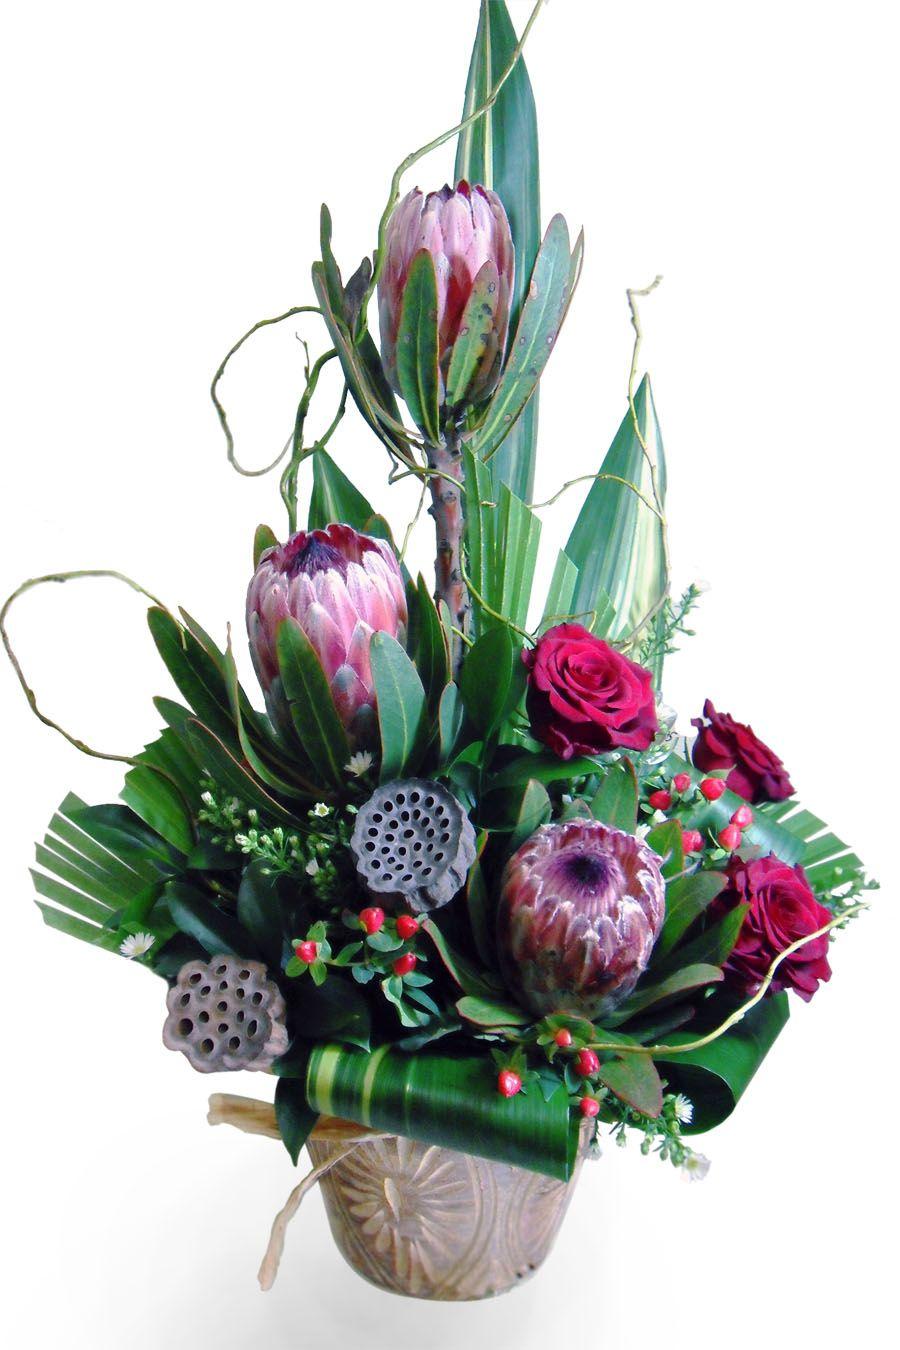 Burges Florist - Flower arrangements - westville, SA